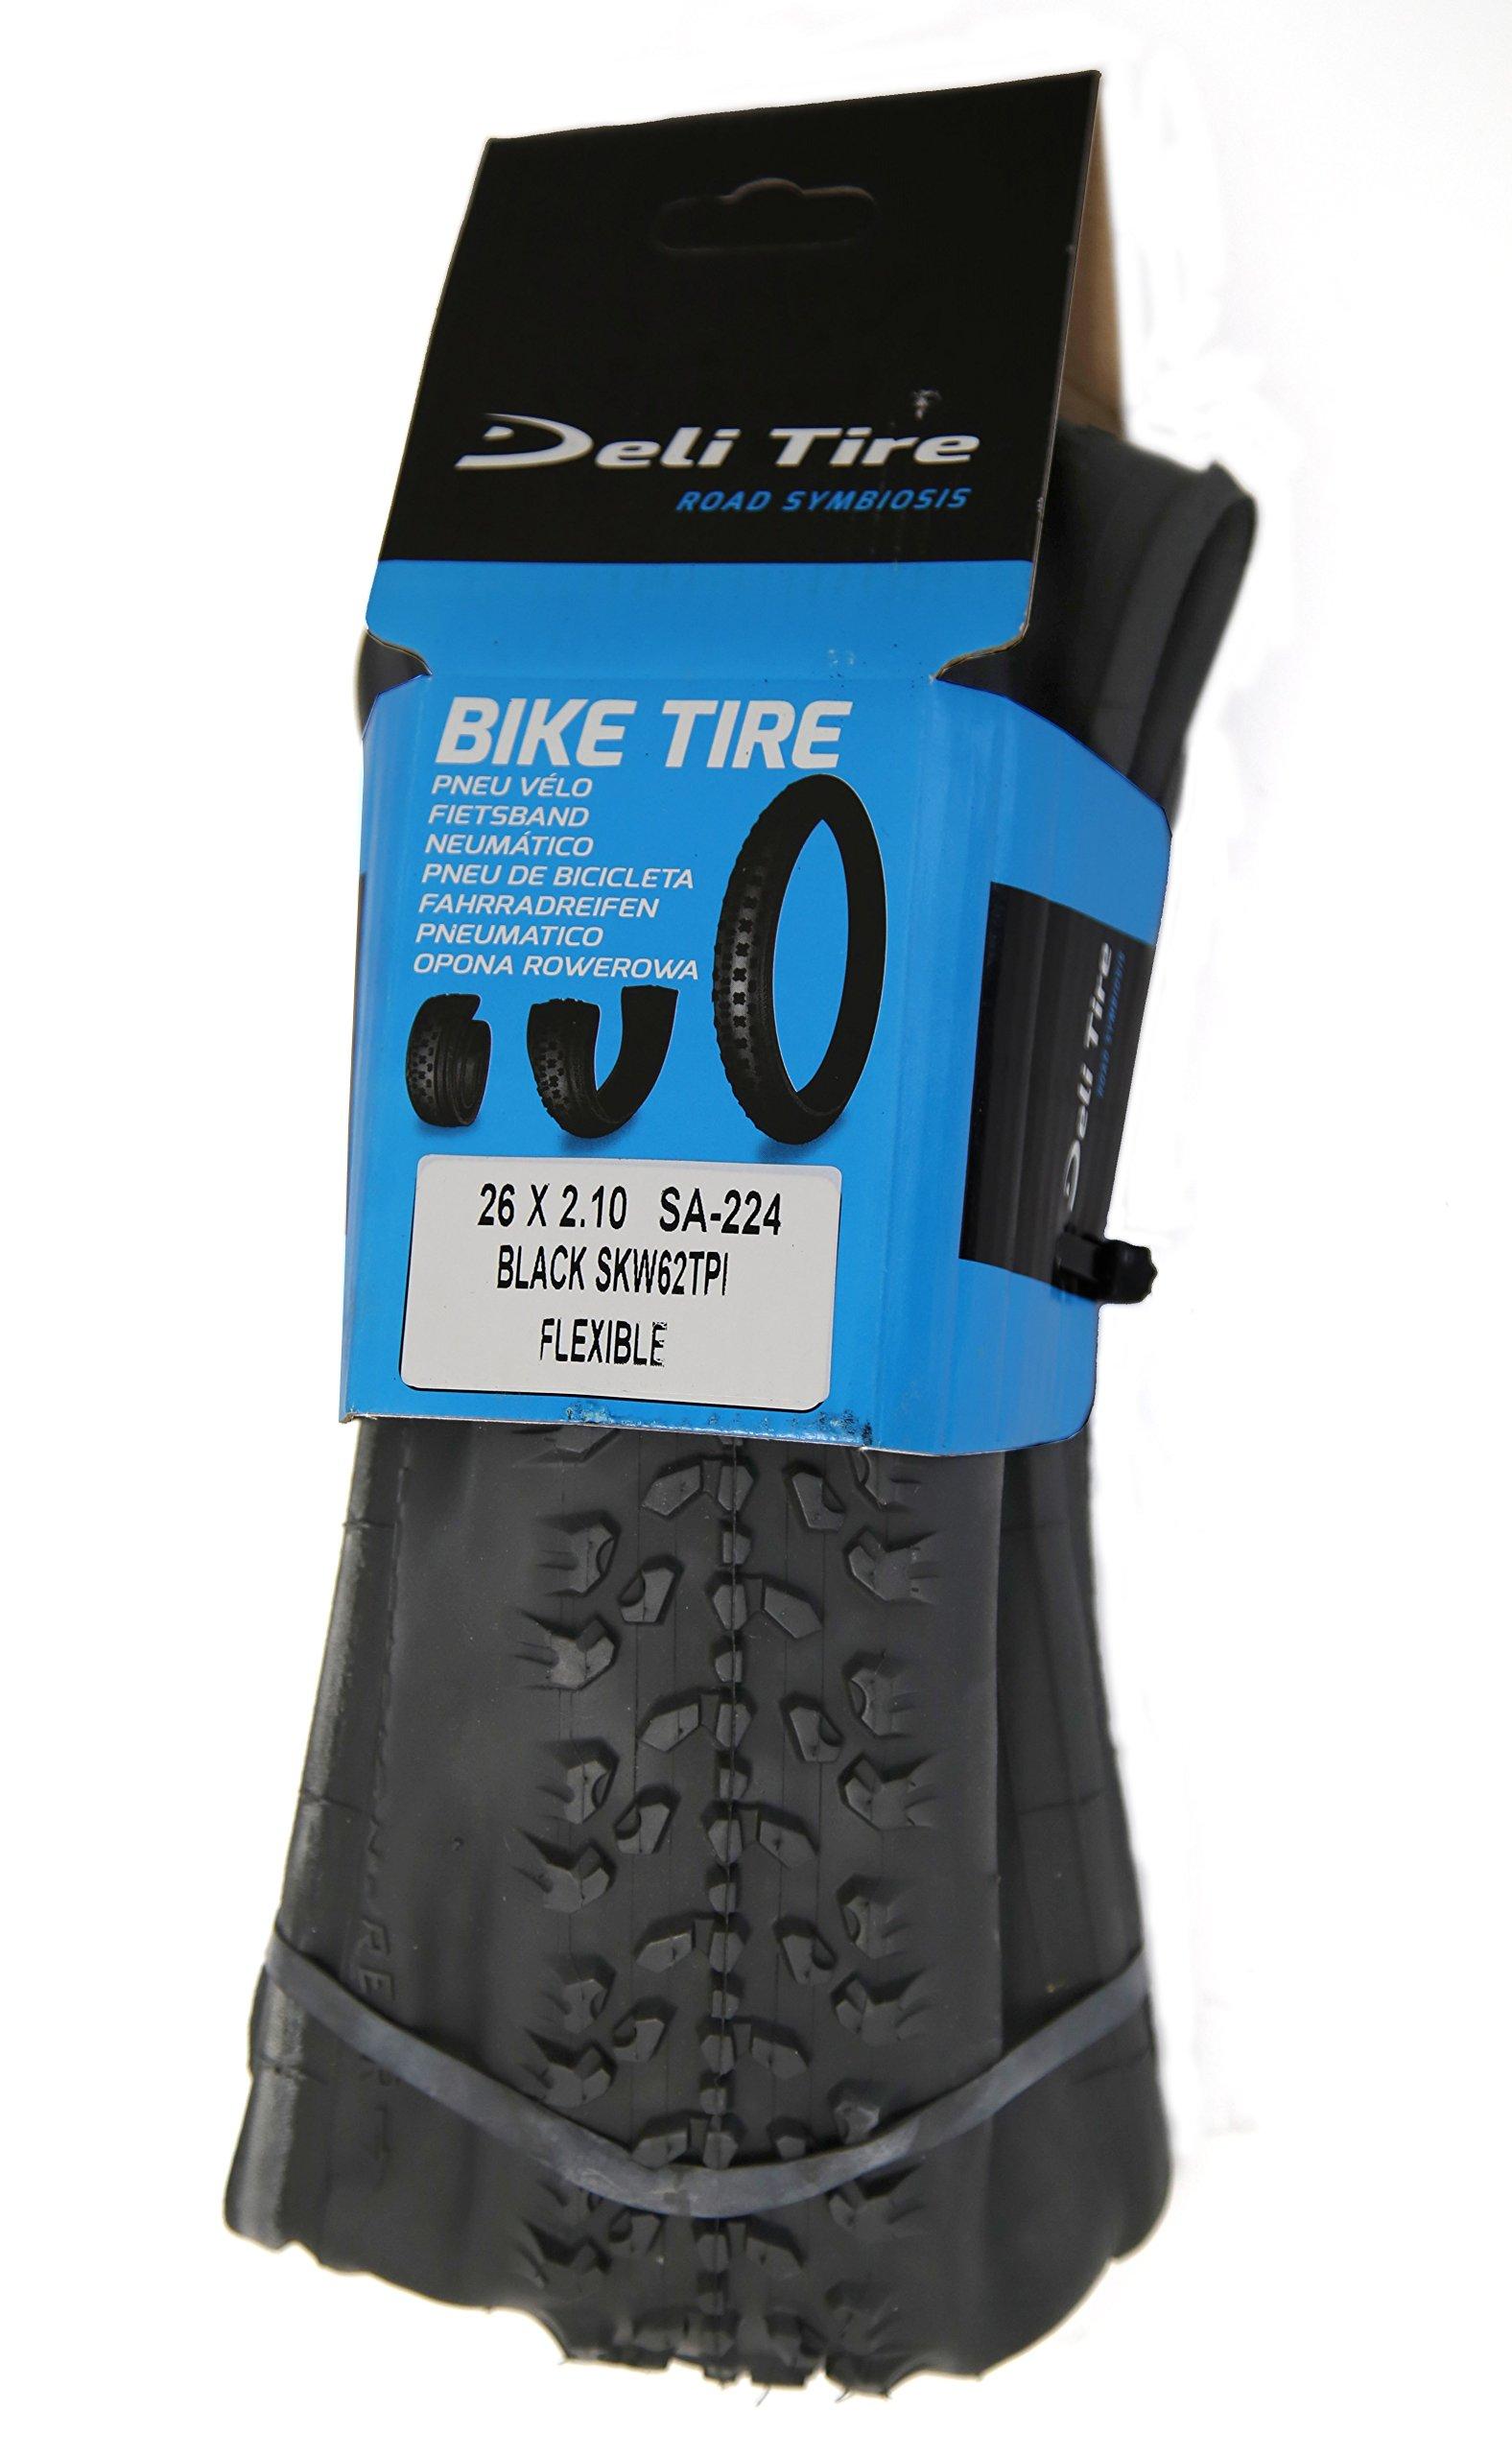 62 TPI SA-224 Mountain Bike Tire Deli Tire 26 x 2.10 Folding Tire